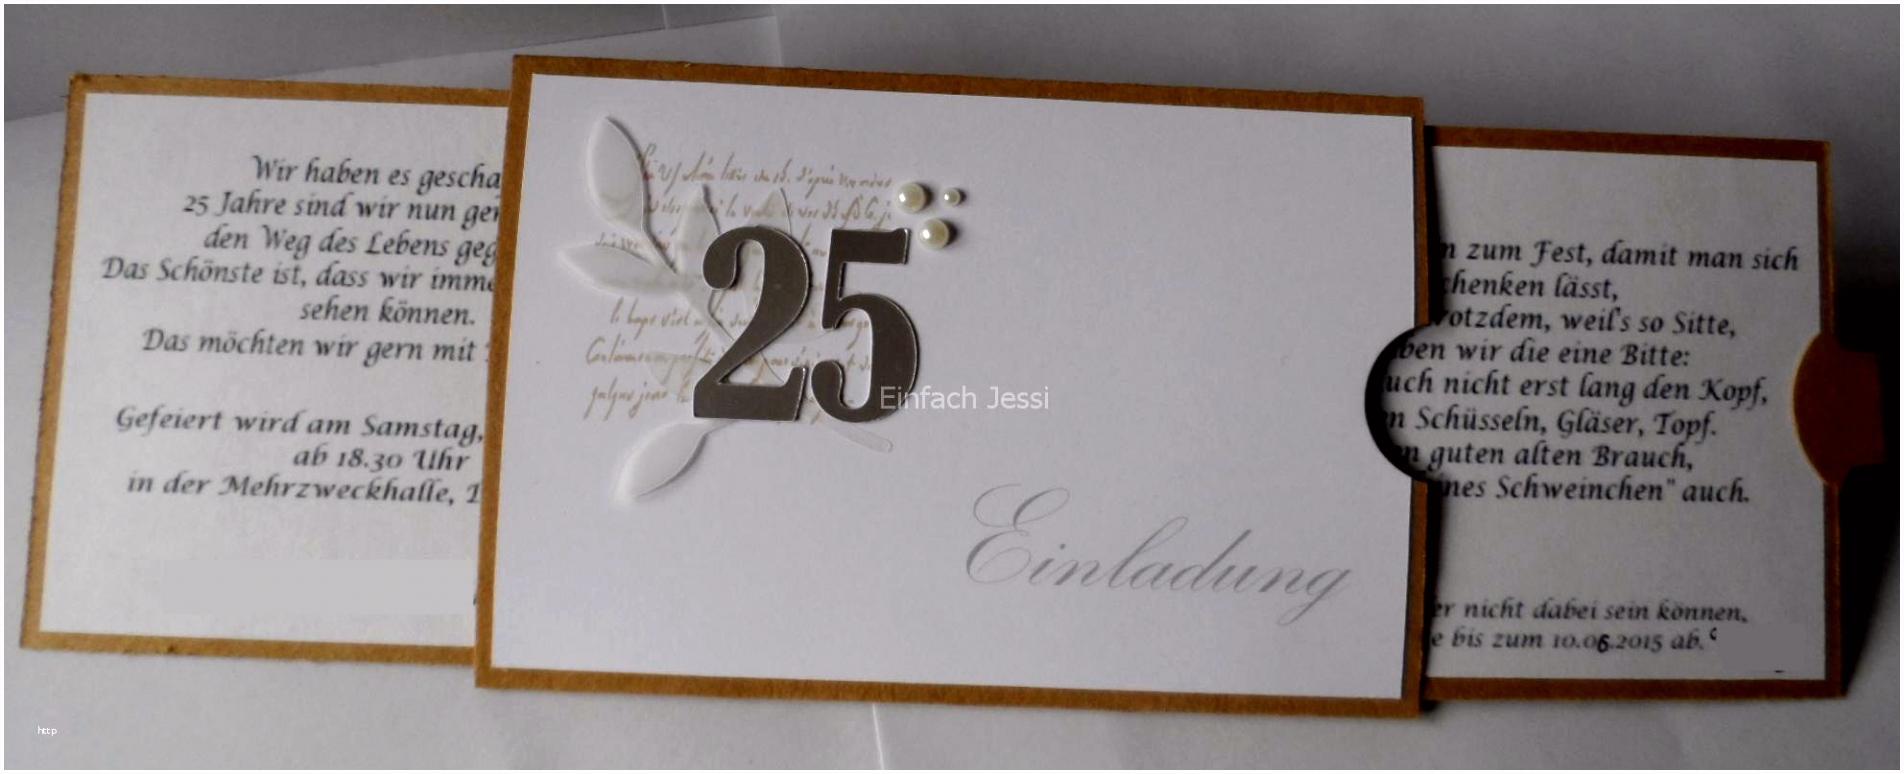 Einladung Ticket Vorlage Kostenlos 35 Luxus Einladung Zur